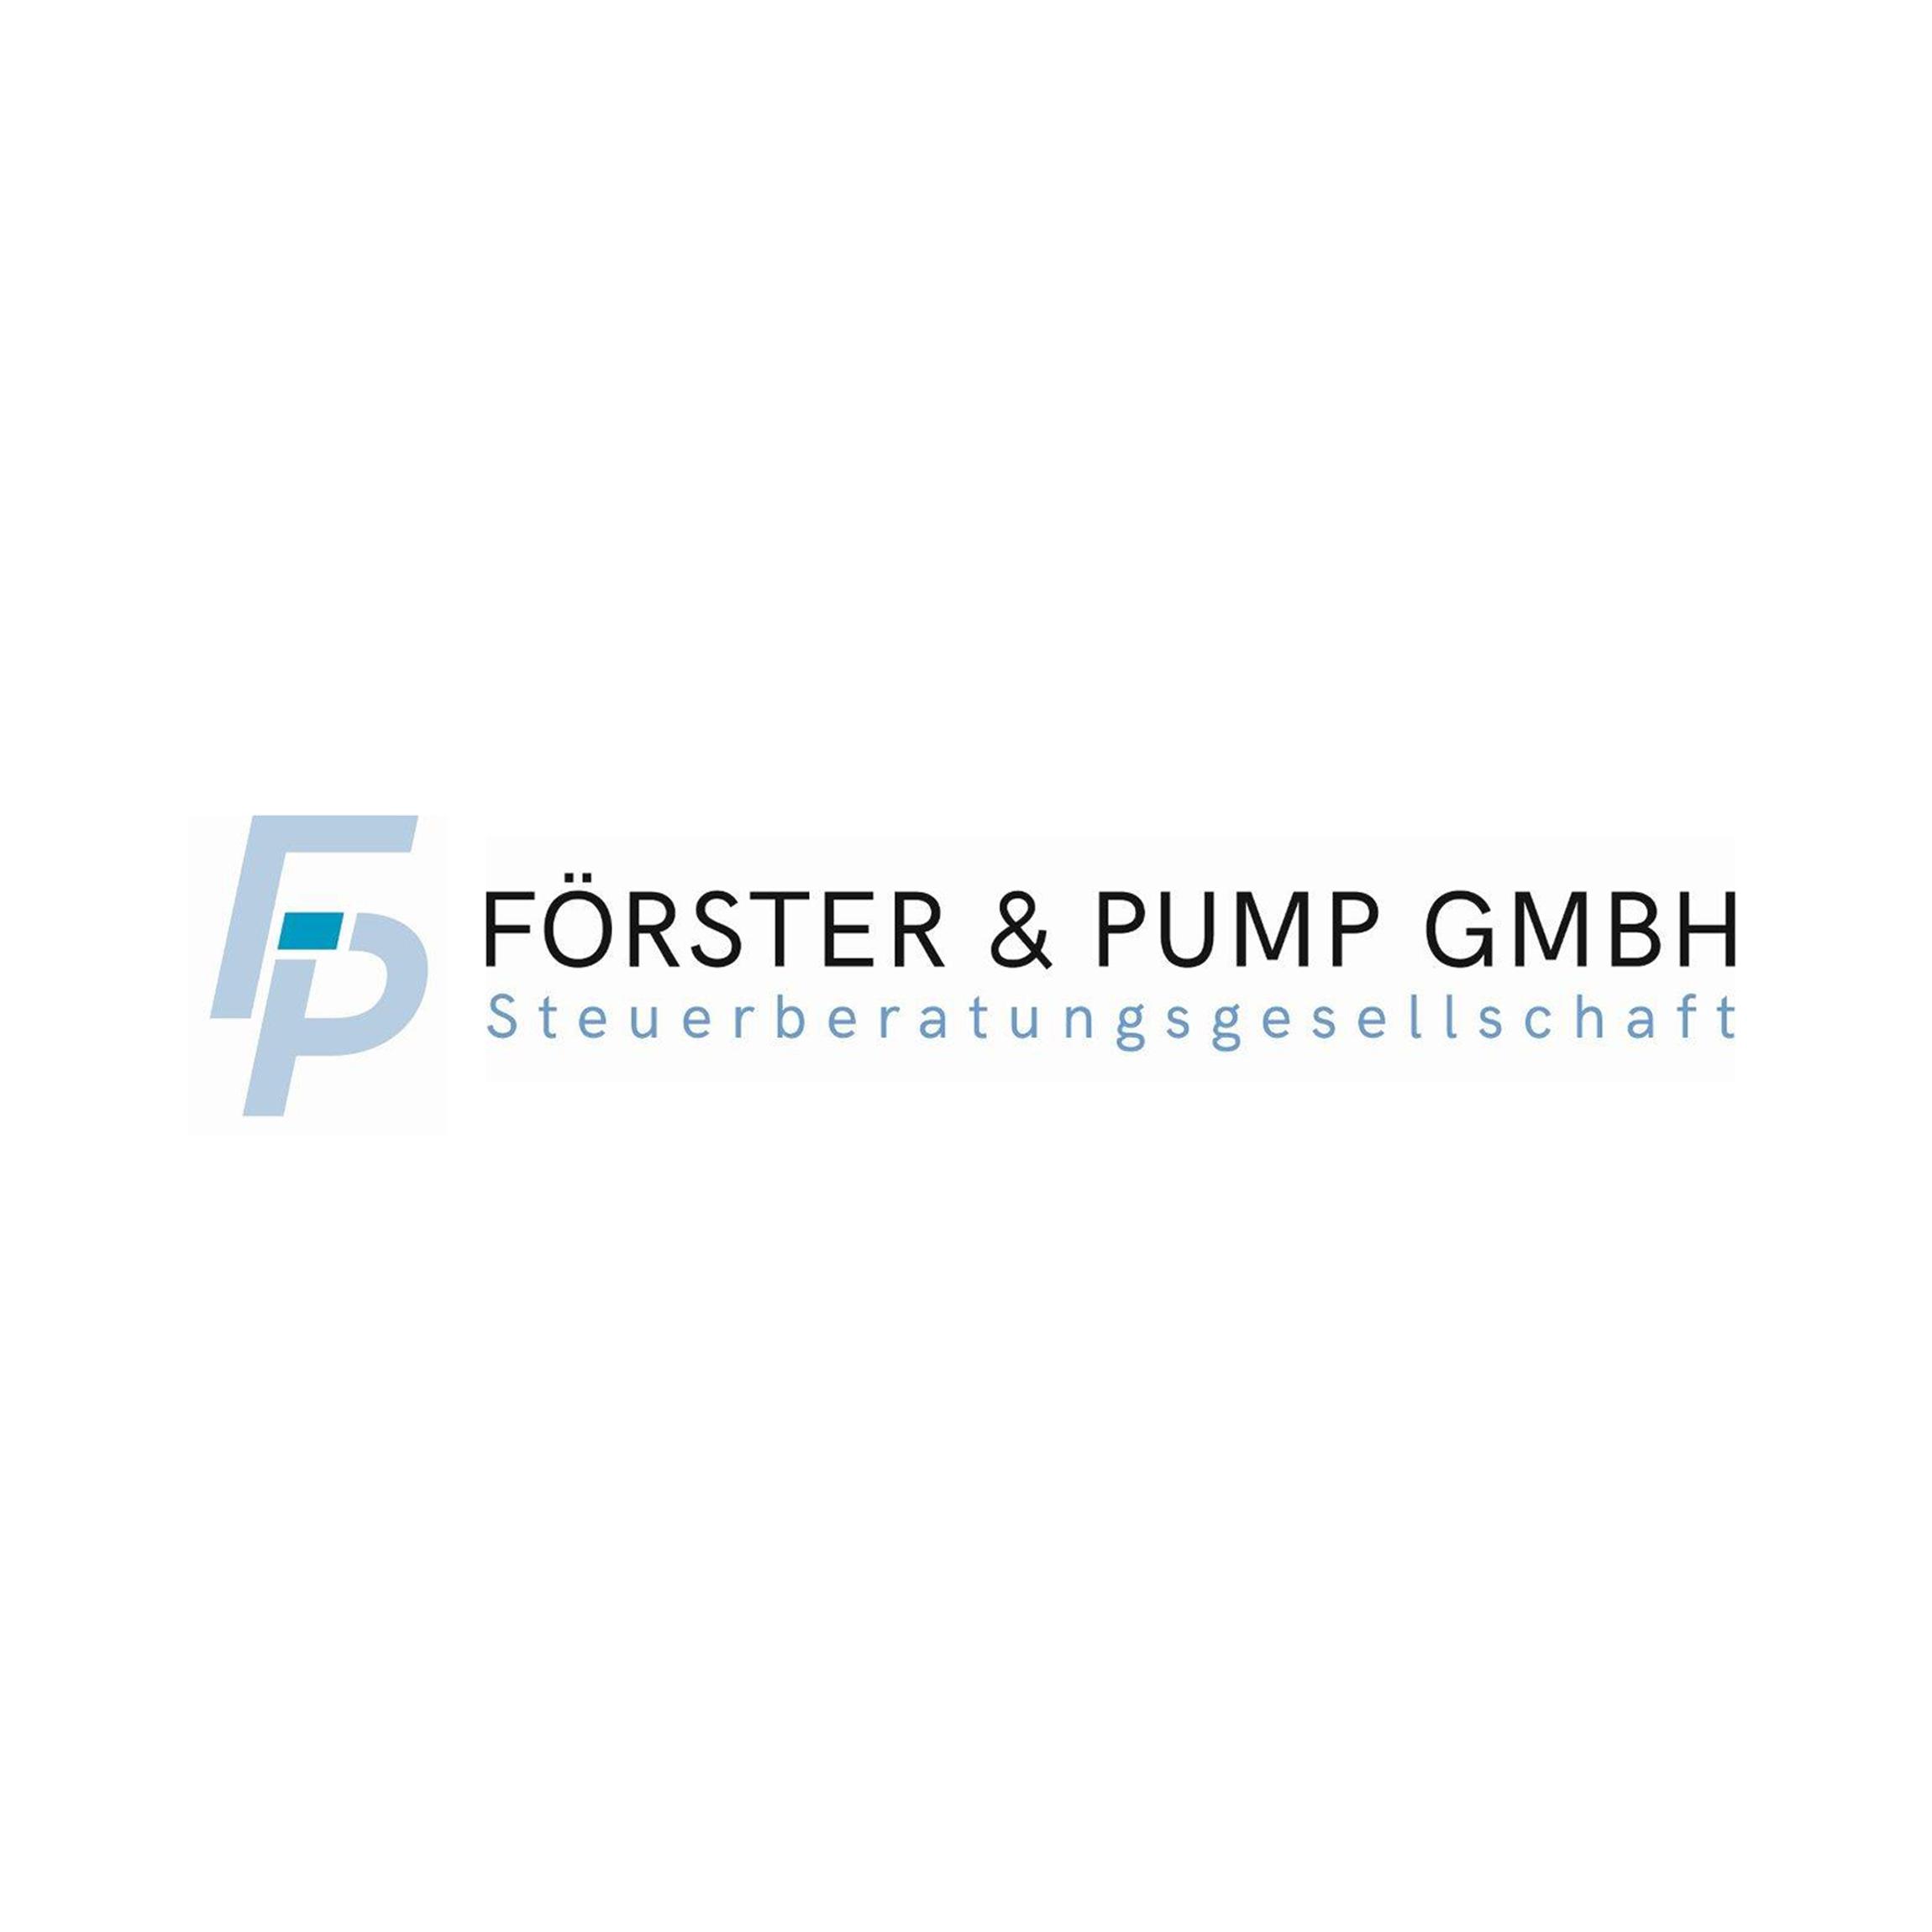 Bild zu Förster & Pump GmbH - Steuerberatungsgesellschaft in Hamburg